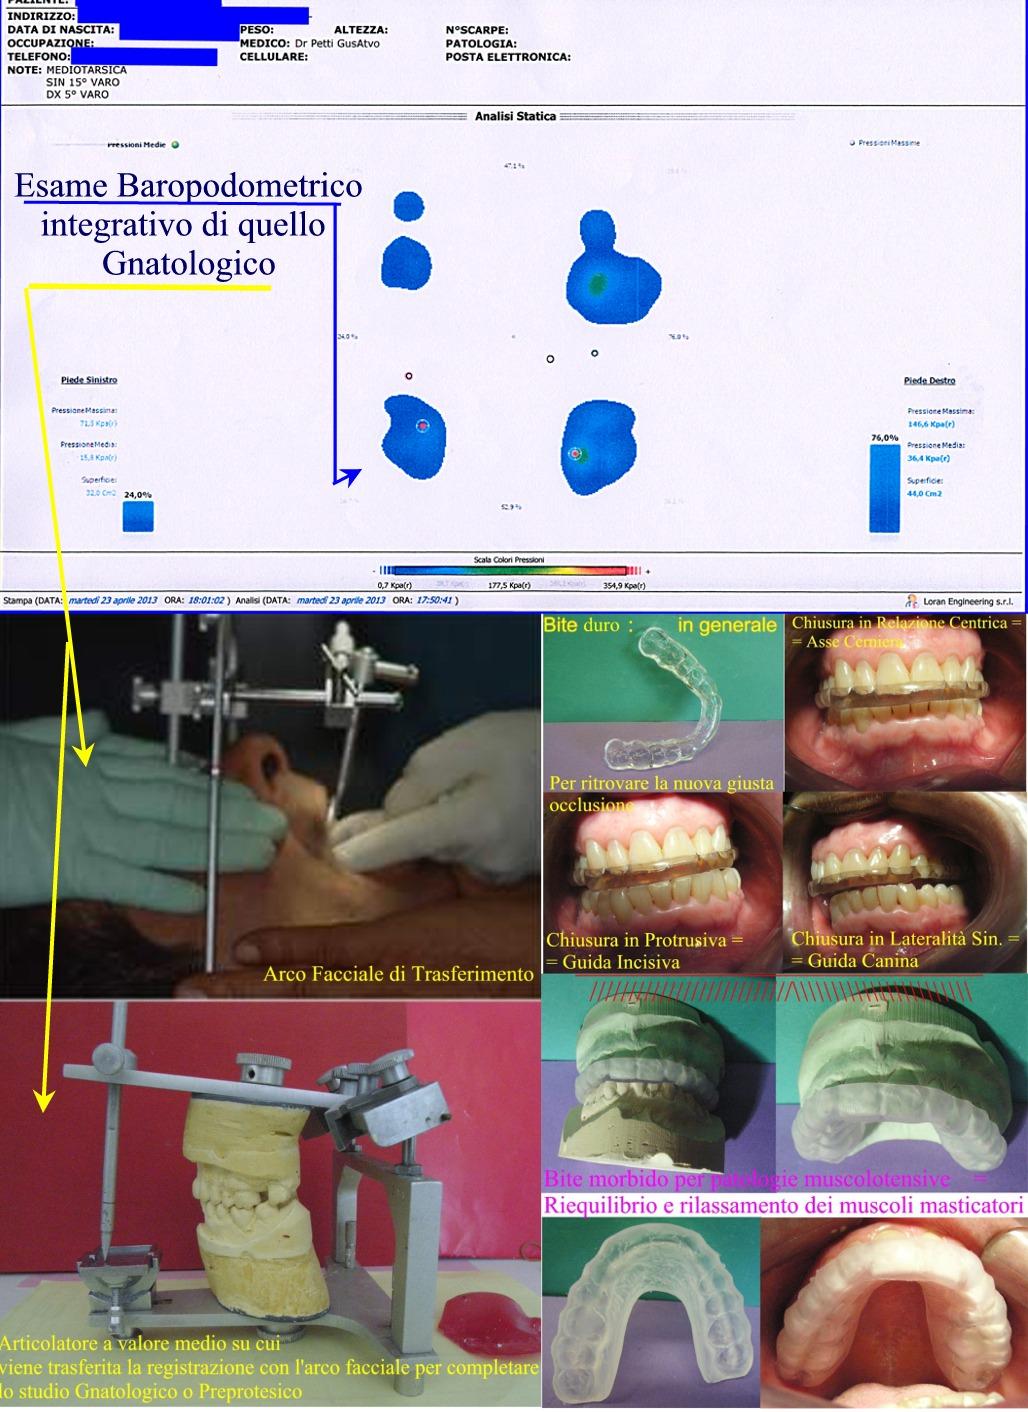 Arco Facciale. Vari tipi di BIte e Esame computerizzato Stabilopodometrico come esempio di alcuni approcci Gnatologici. Da casistica Dr. Gustavo Petti Parodontologo Gnatologo di Cagliari